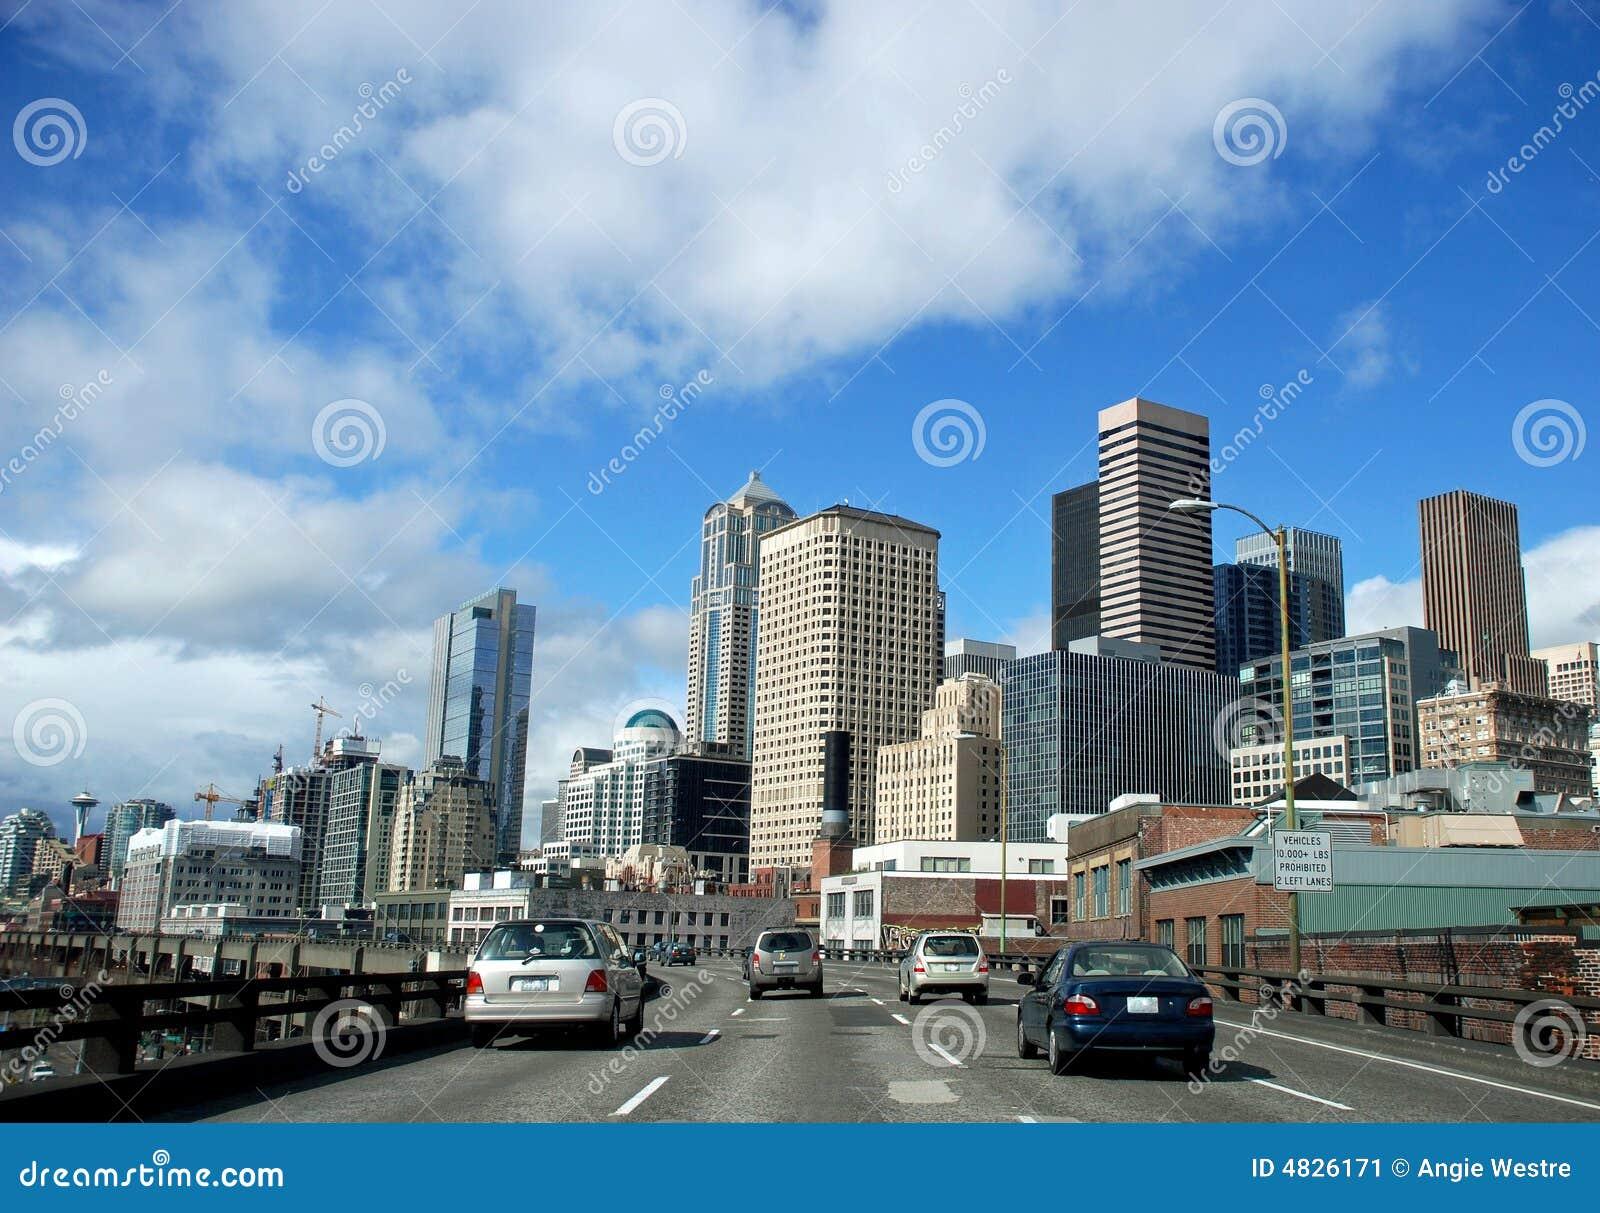 A Cruise through the City